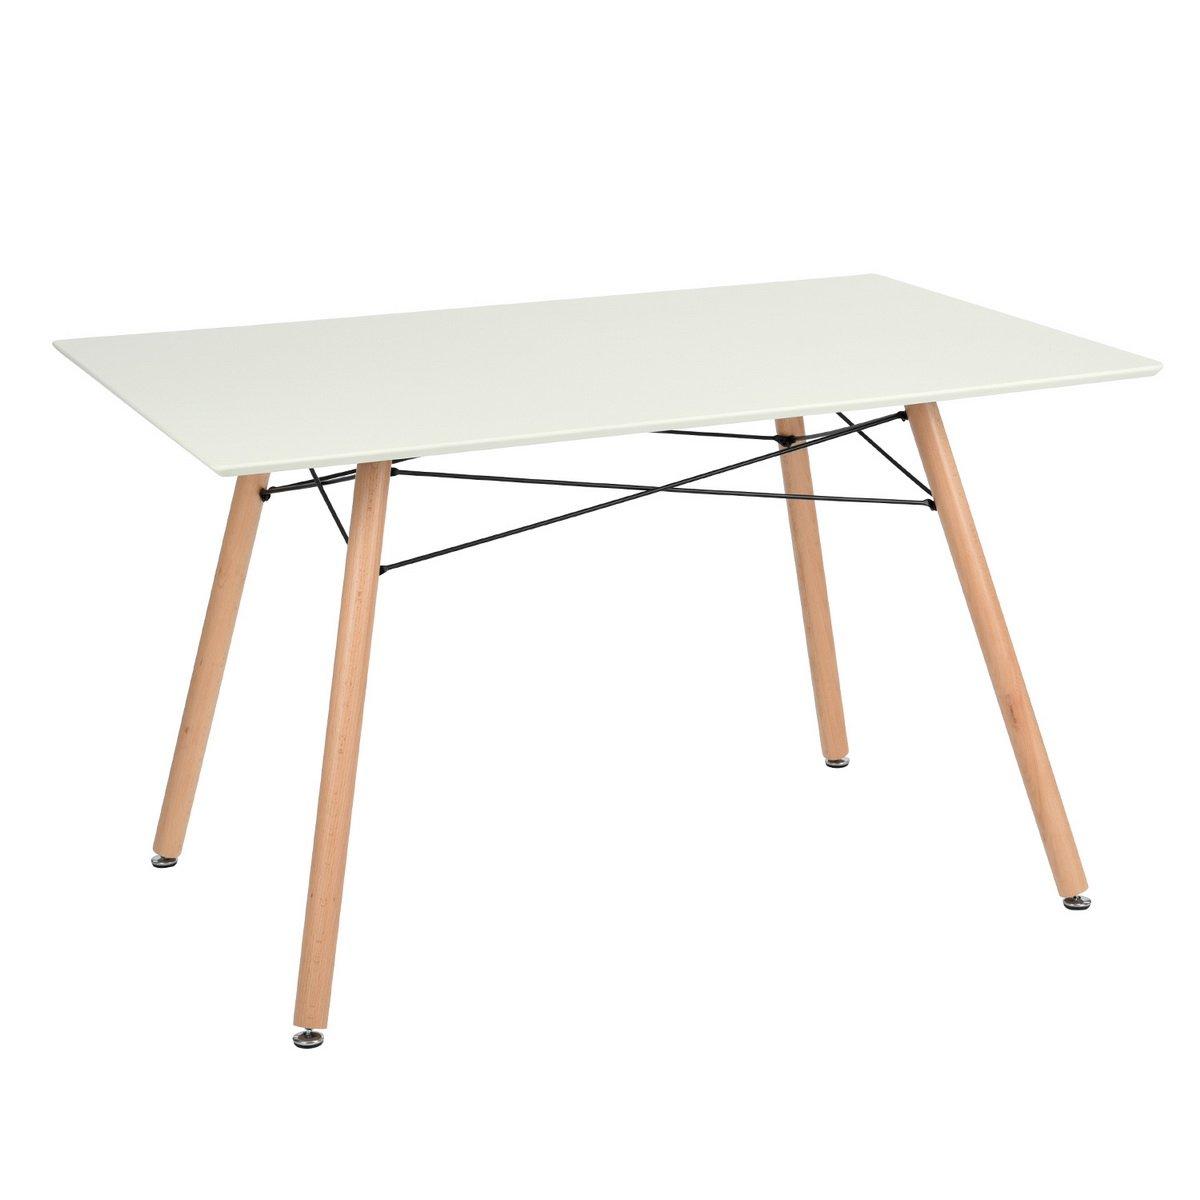 Table de salle à manger scandinave moderne style rétro